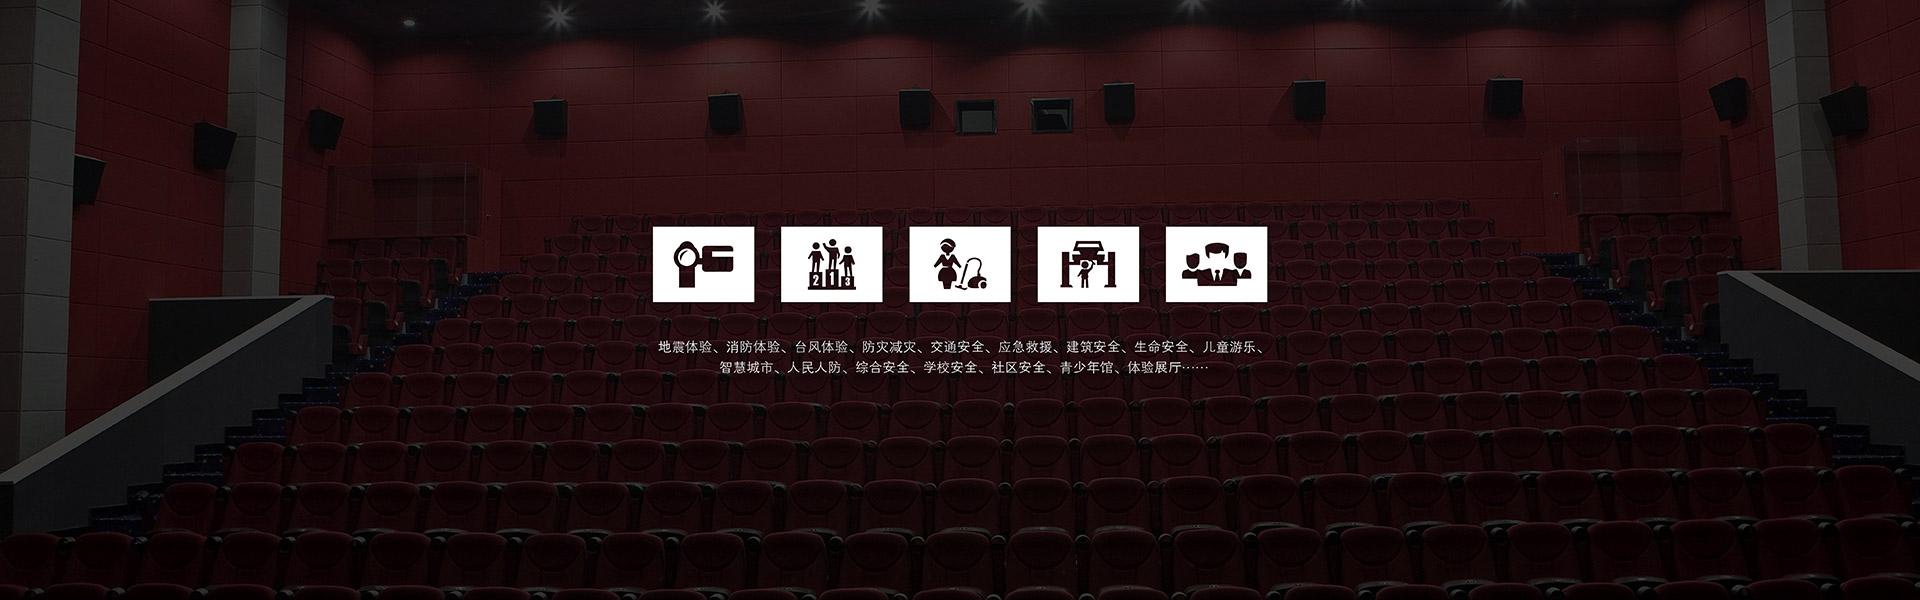 河北安全体验禁毒3D全息展示系统河北安全体验VR虚拟现实体验台风来袭河北安全体验射击靶场河北安全体验VR主题乐园河北安全体验世界及中国地震板块及火山分布带